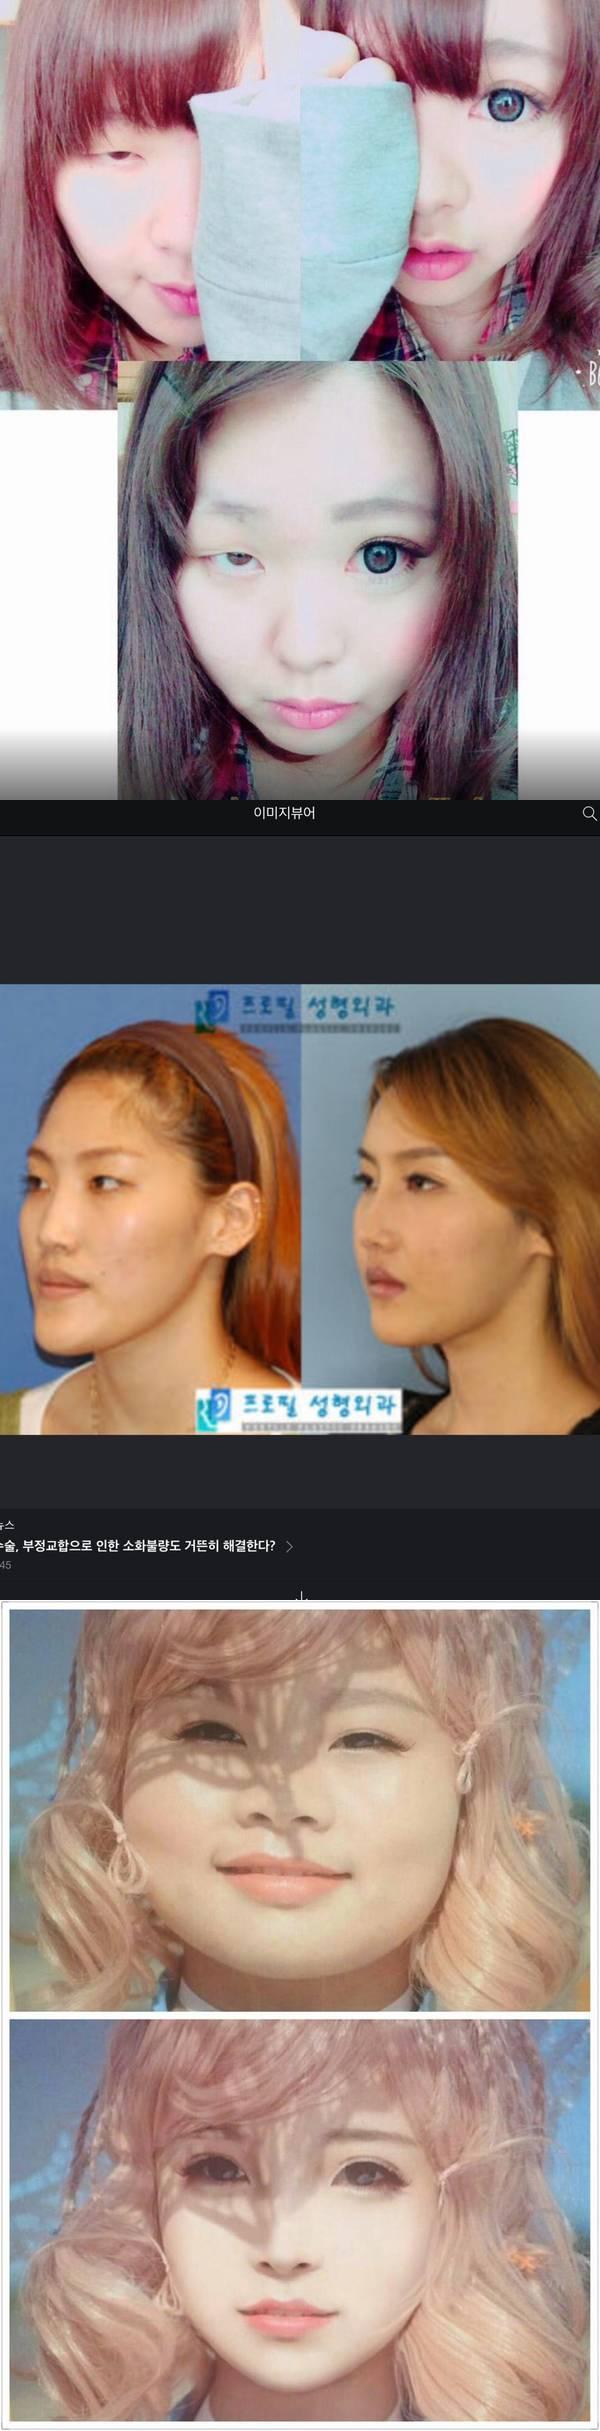 日本韓国中国の化粧整形アプリ